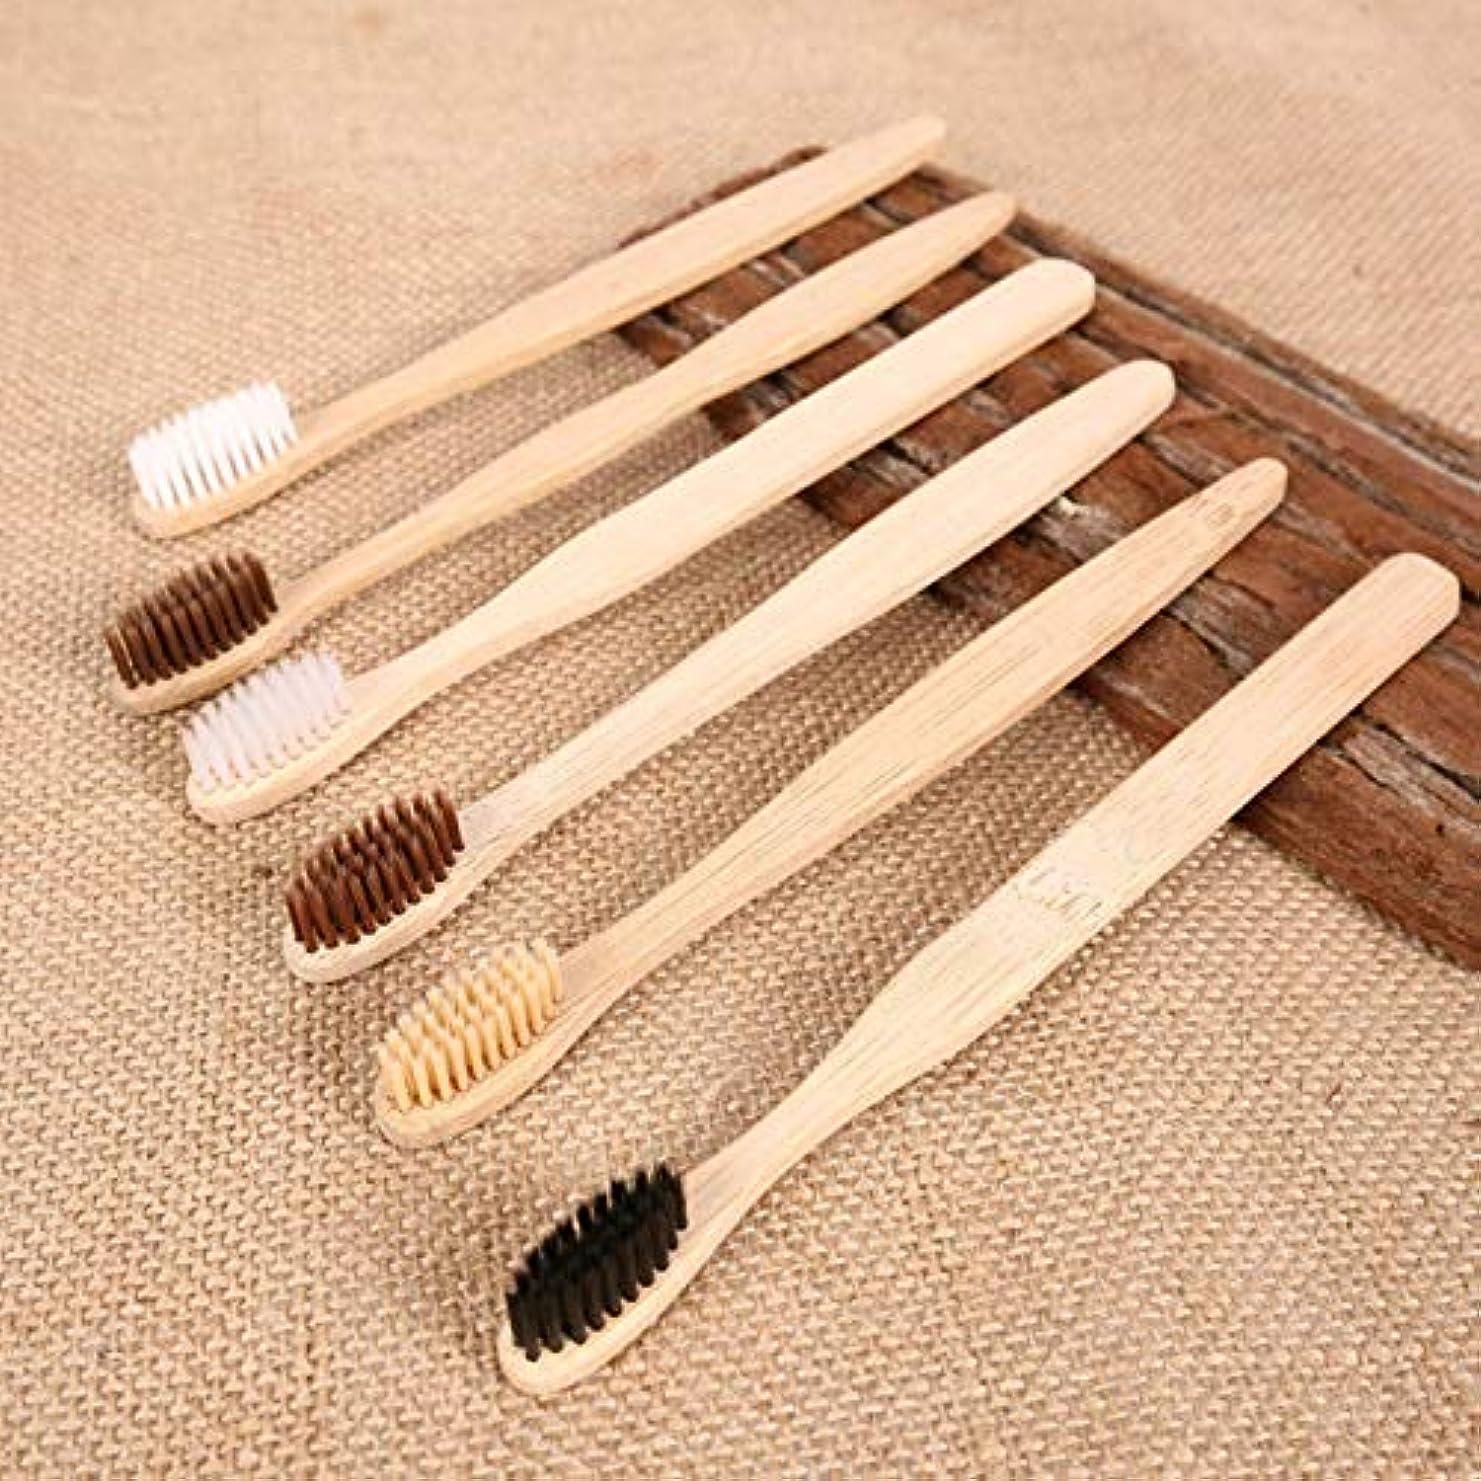 自慢パスタ陸軍Moonvvin 10本 ブラシ 大人用 木製歯ブラシ 環境保護 歯ブラシ 柔らかい毛 混合色 携帯用 旅行用